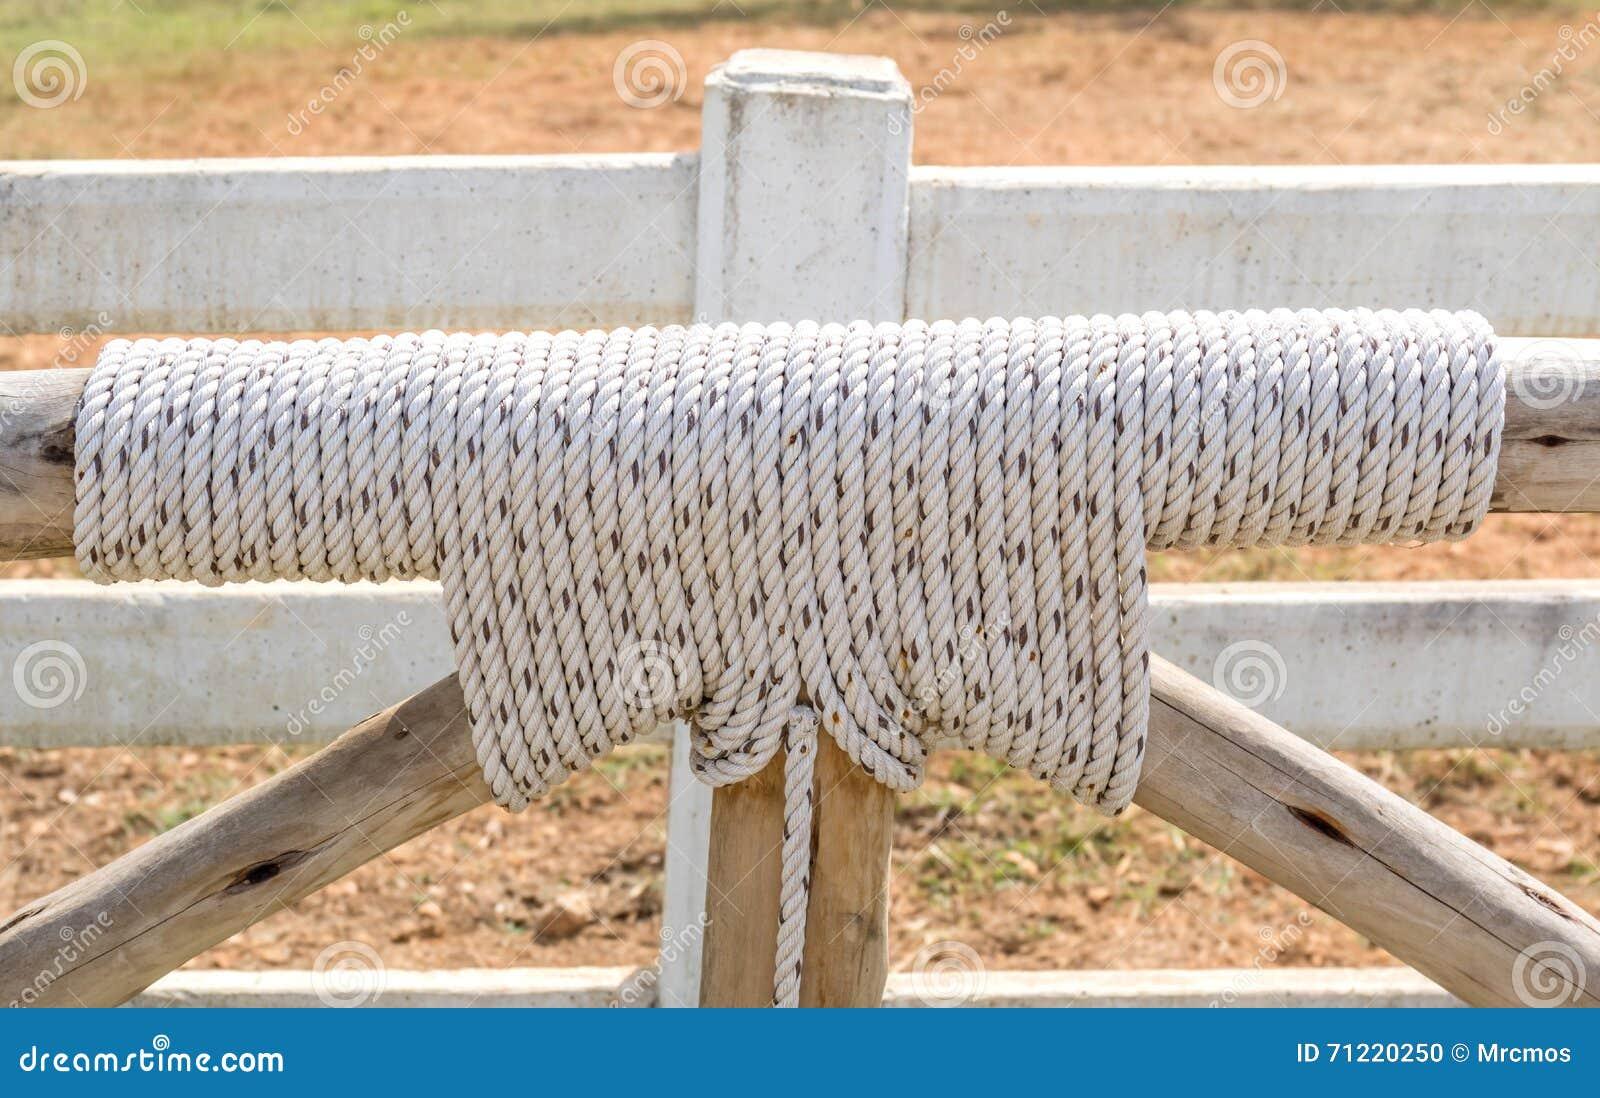 bondissez avec le noeud de corde et en bois comme barri re dans les terres cultivables photo. Black Bedroom Furniture Sets. Home Design Ideas